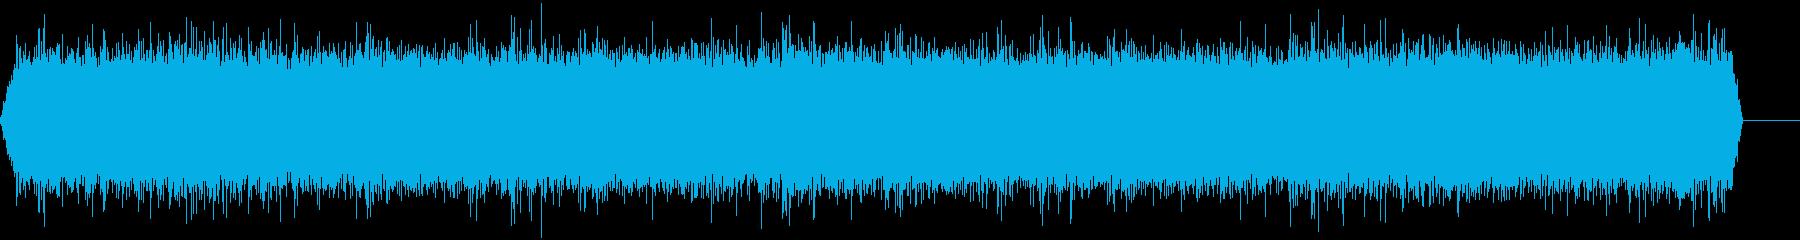 放電管-高速で制御される水の再生済みの波形